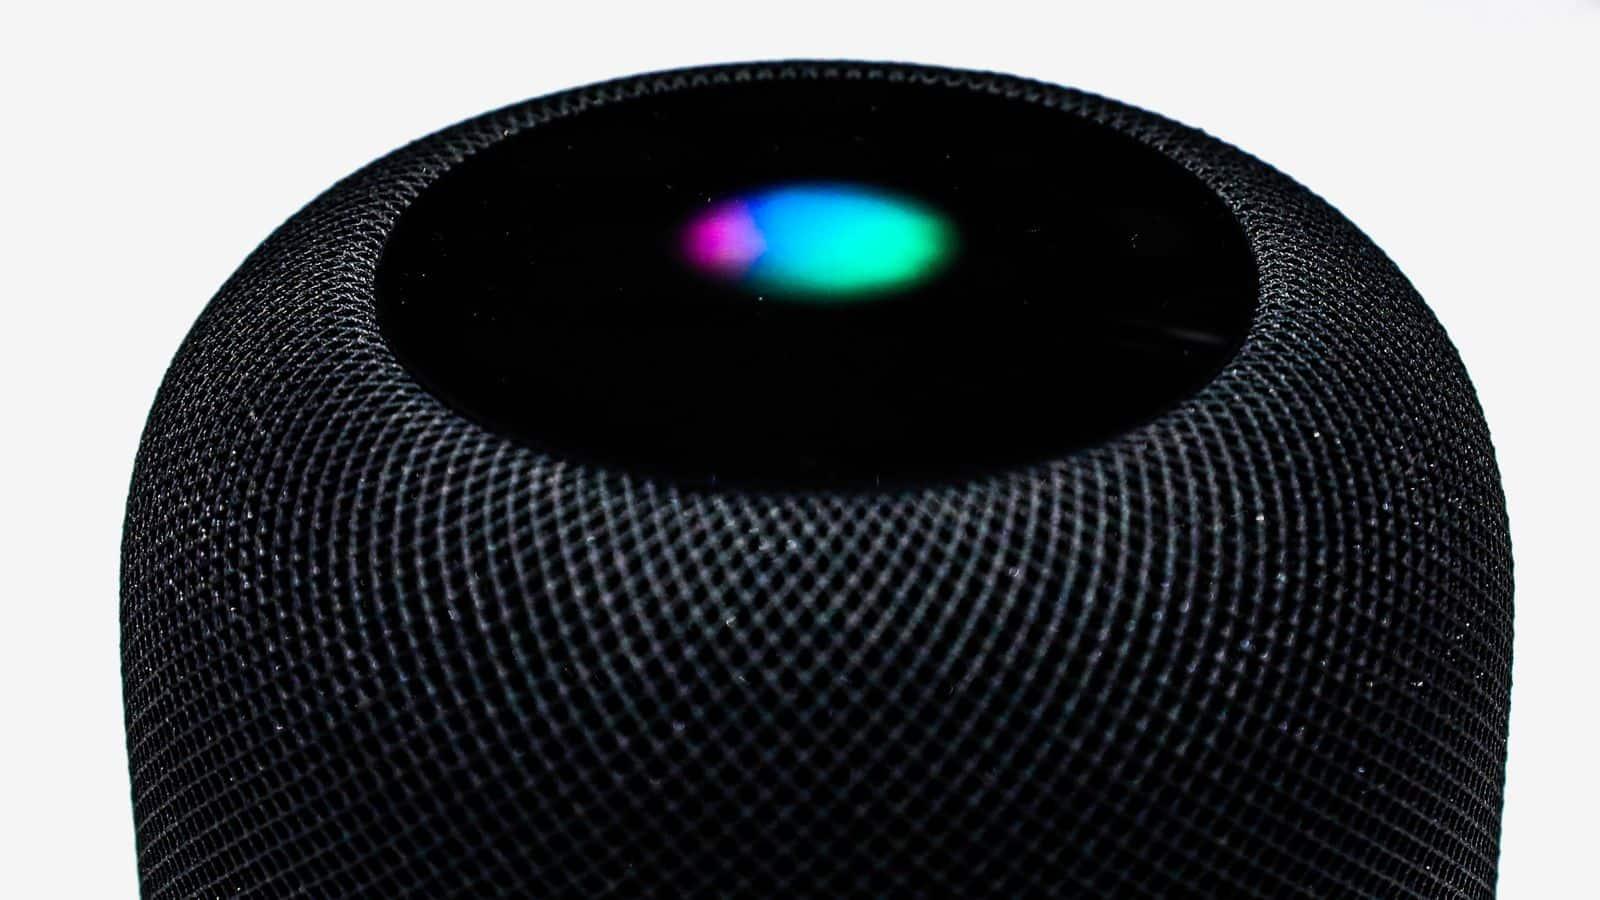 Image-HomePod-Apple-pourrait-bientôt-arriver-France